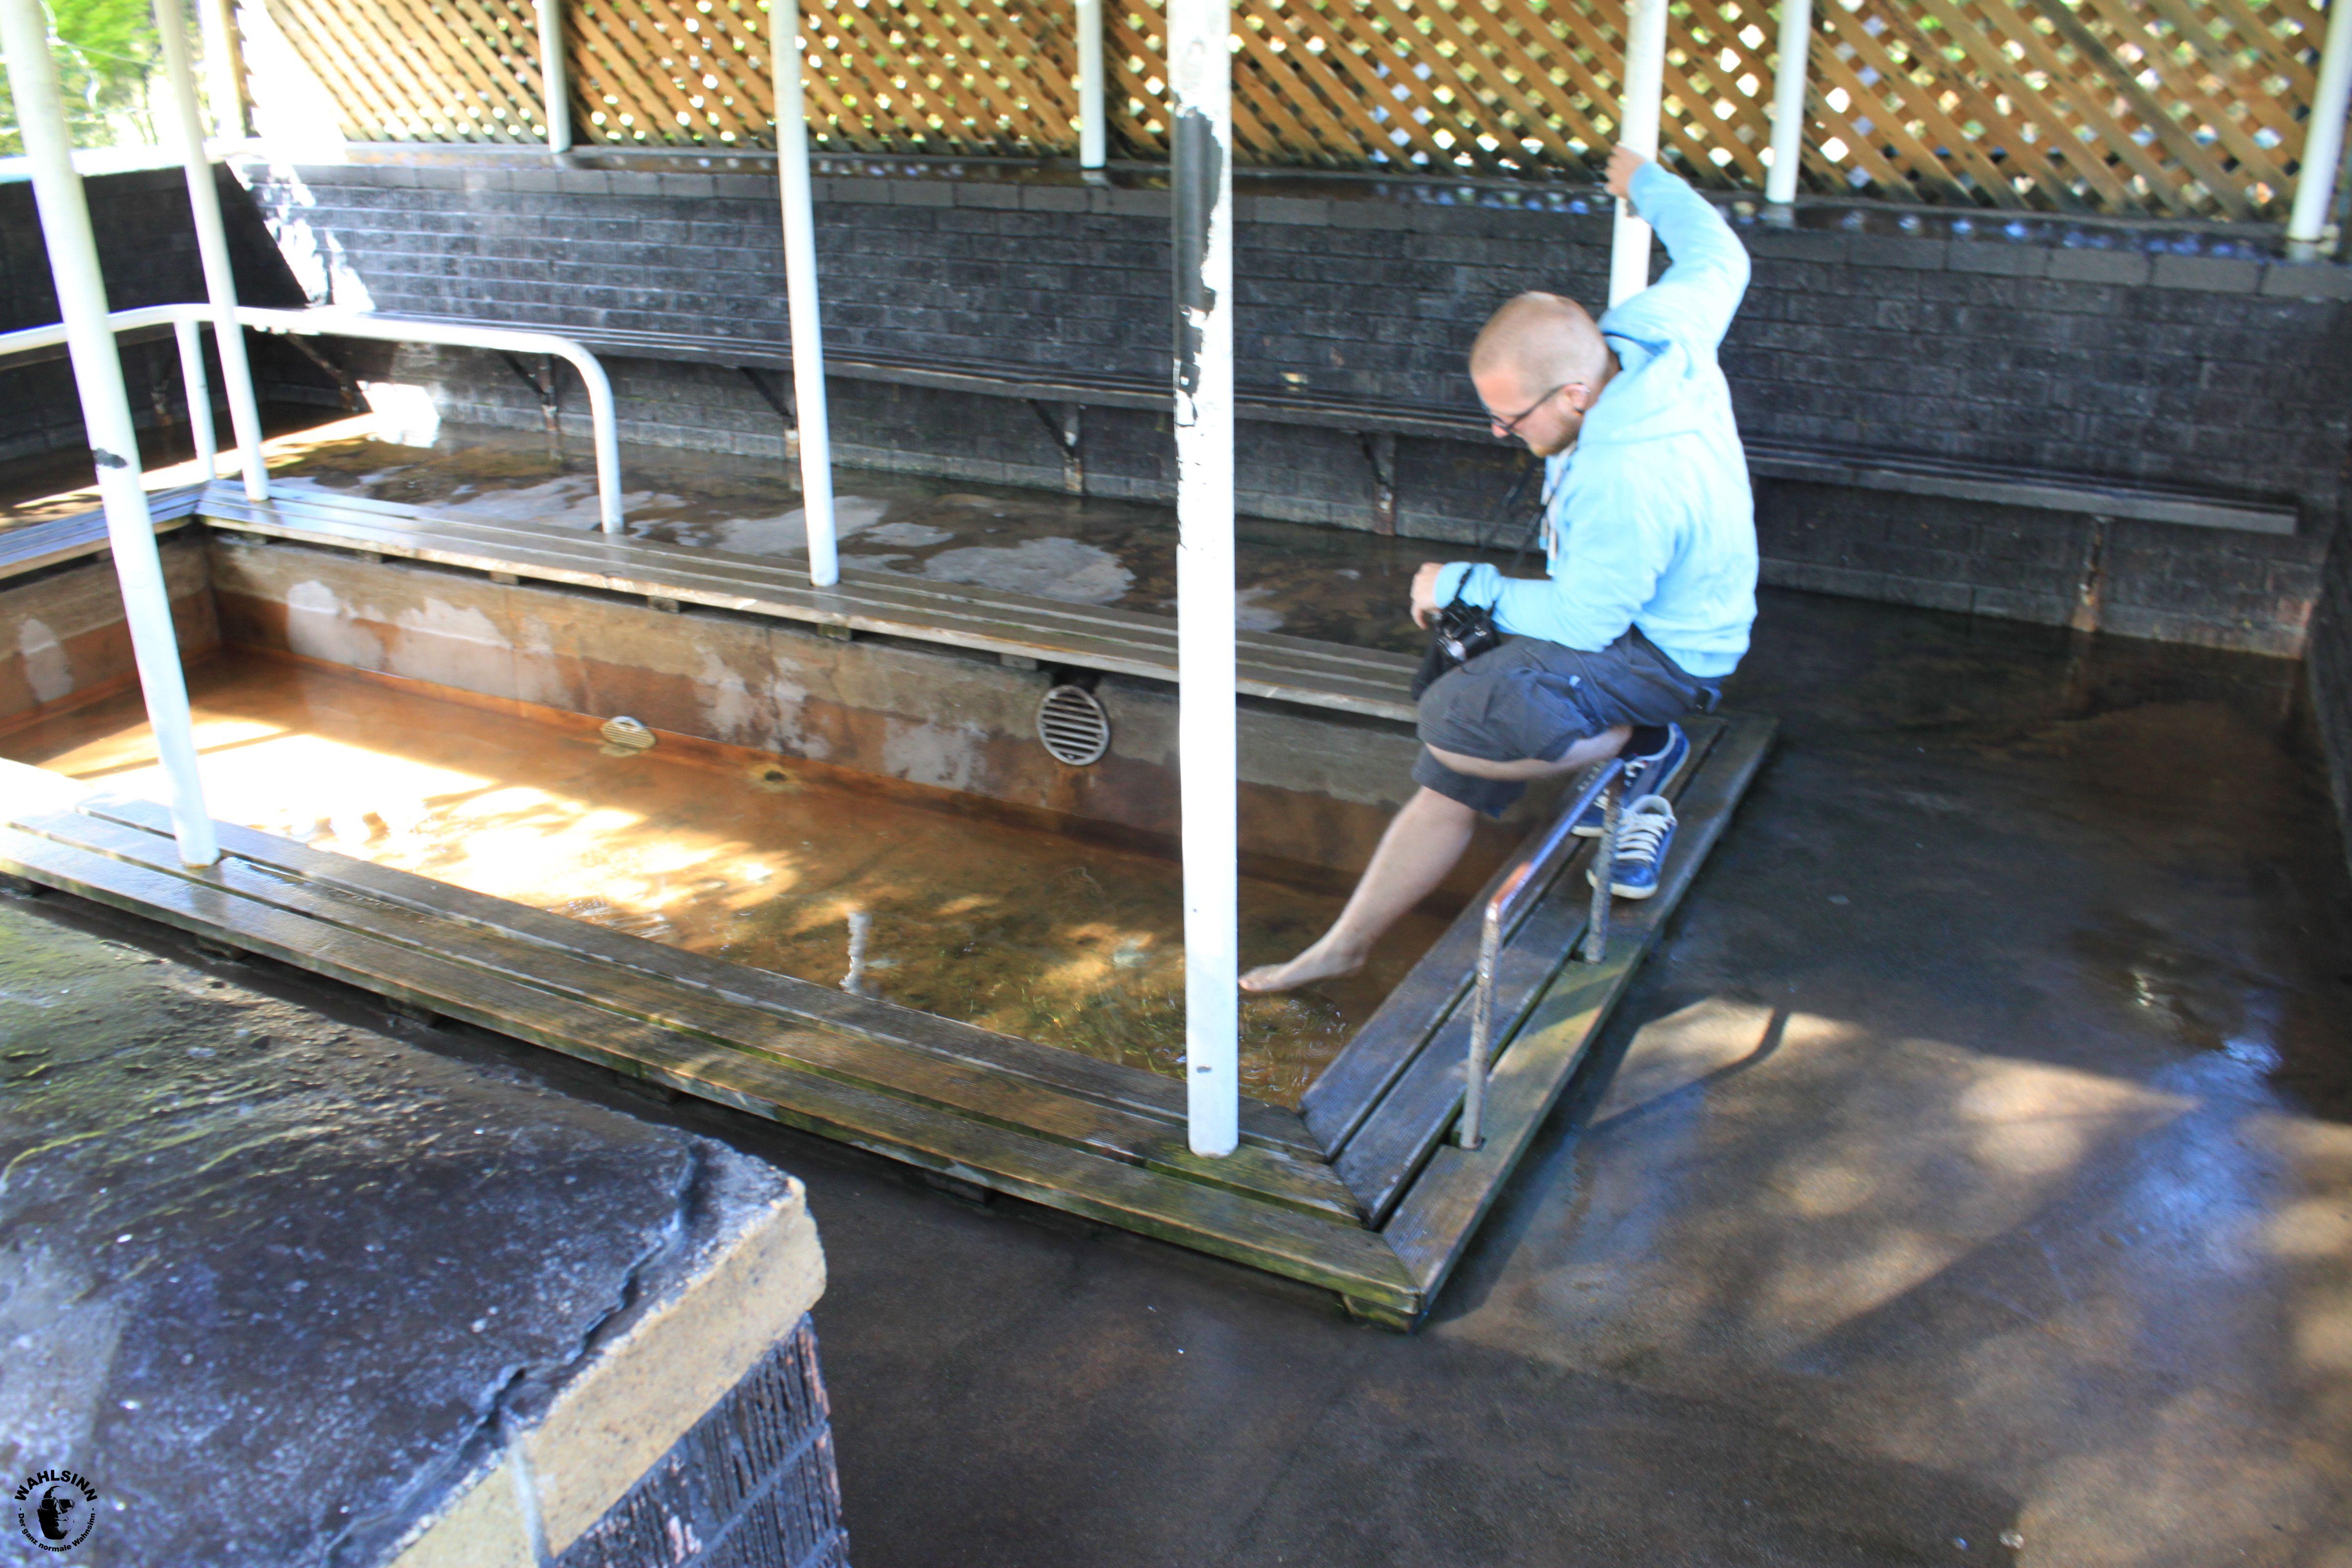 Rotorua (Neuseeland) - Erwähmtes Wasser durch Erdwärme soll gut für die Haut sein. Meine Füße sollen schlecht für Wasser sein. Wer gewinnt?